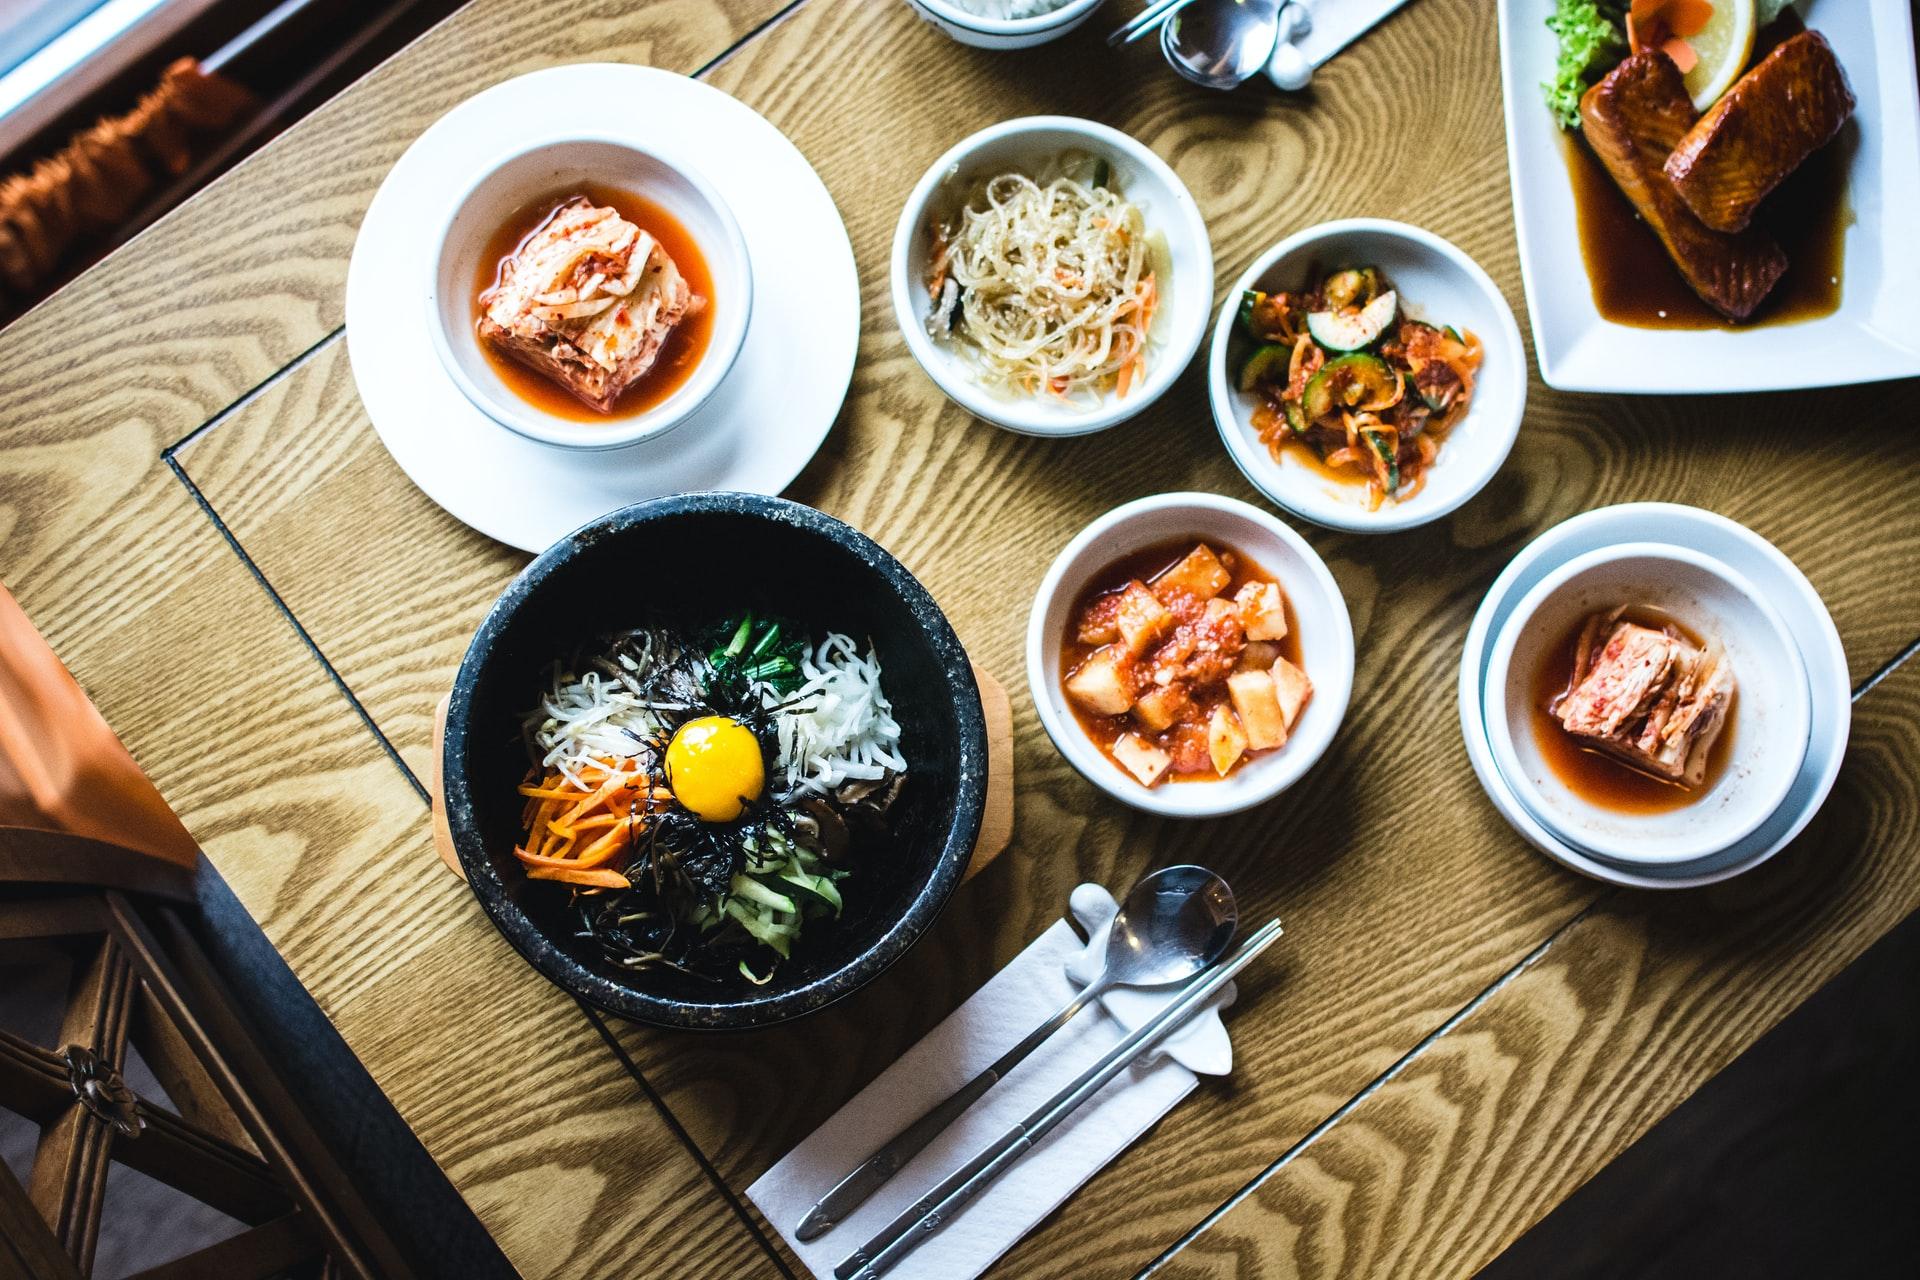 TESTE: De onde são estes pratos típicos internacionais?